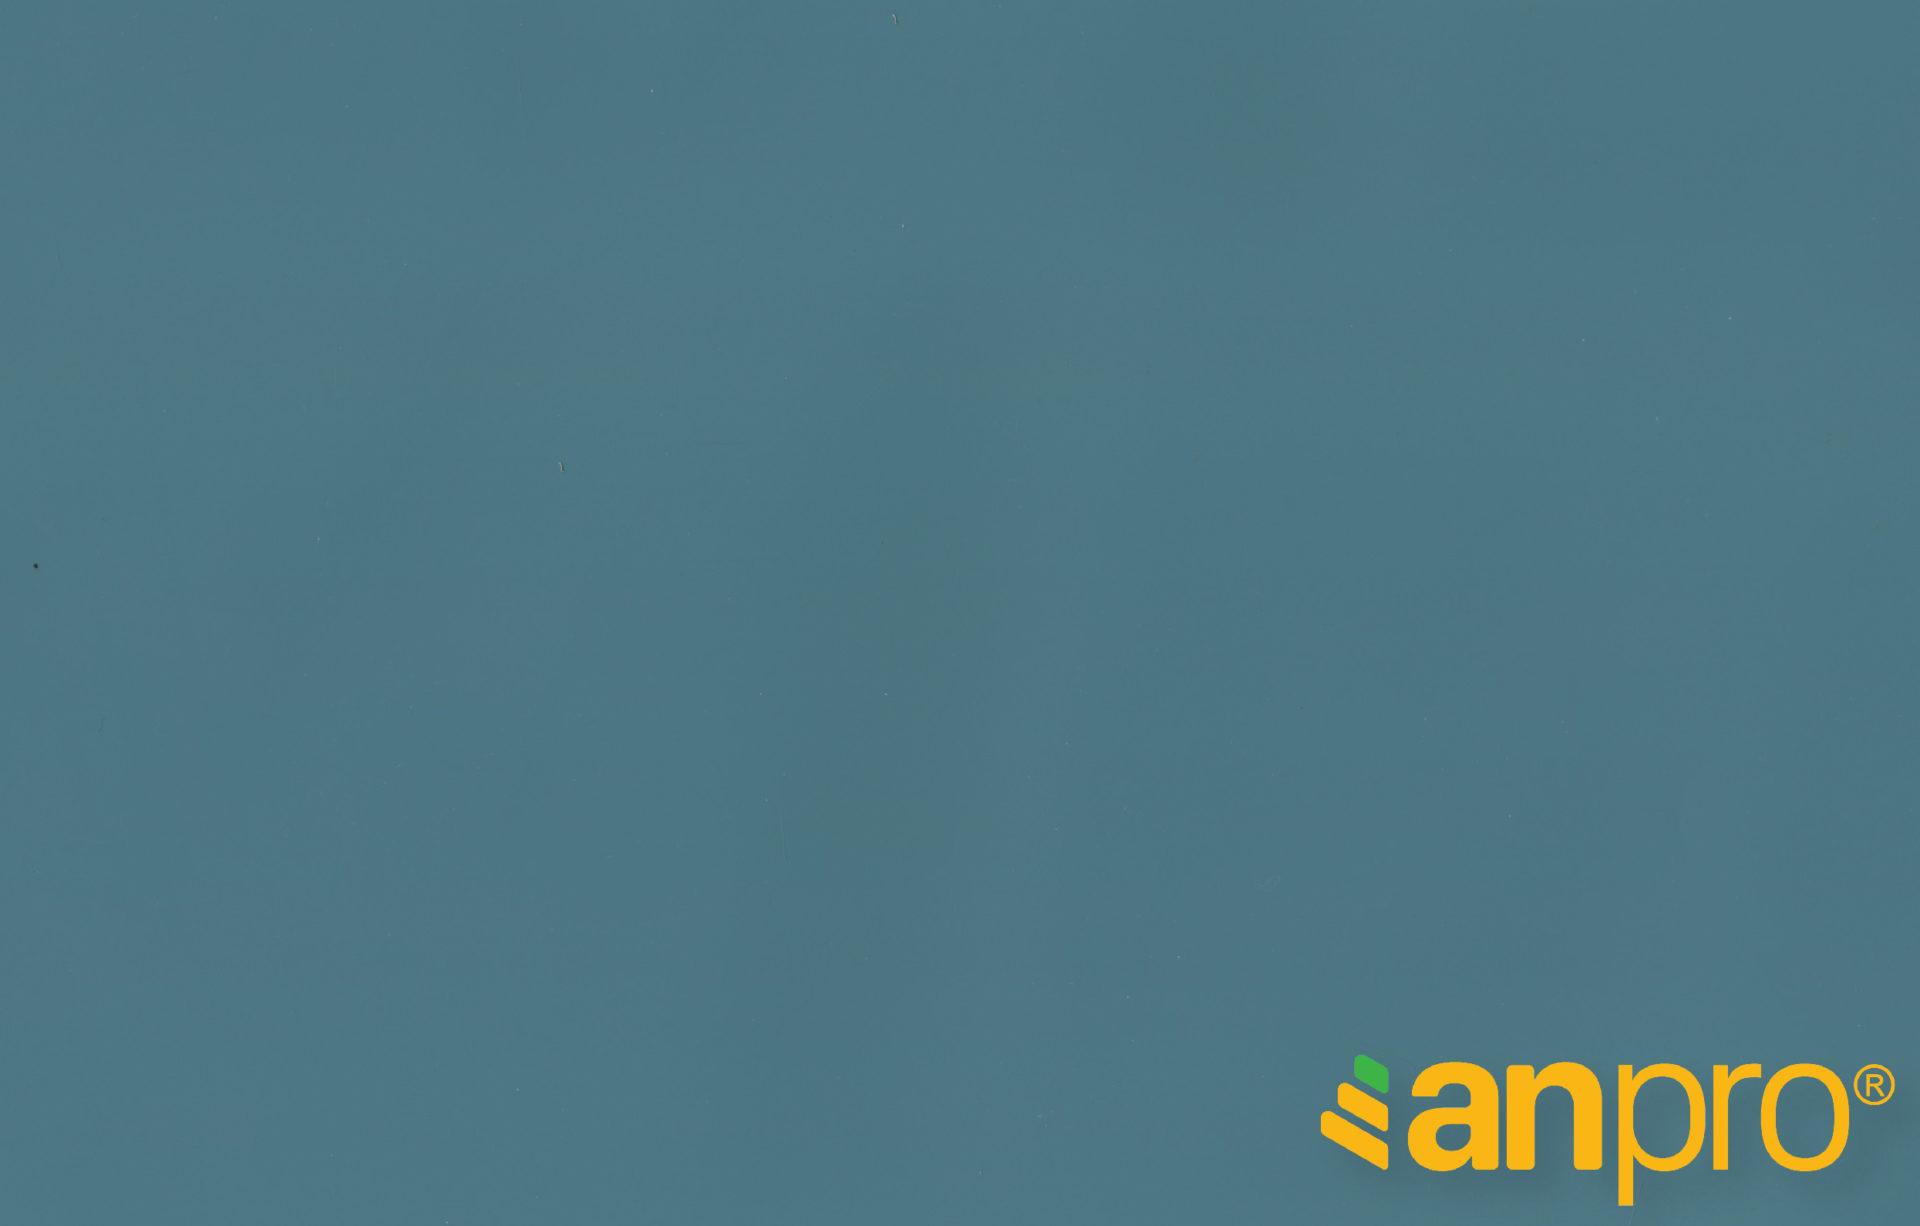 07P 01 - Tấm ốp nội thất AnPro vân da mã 07P